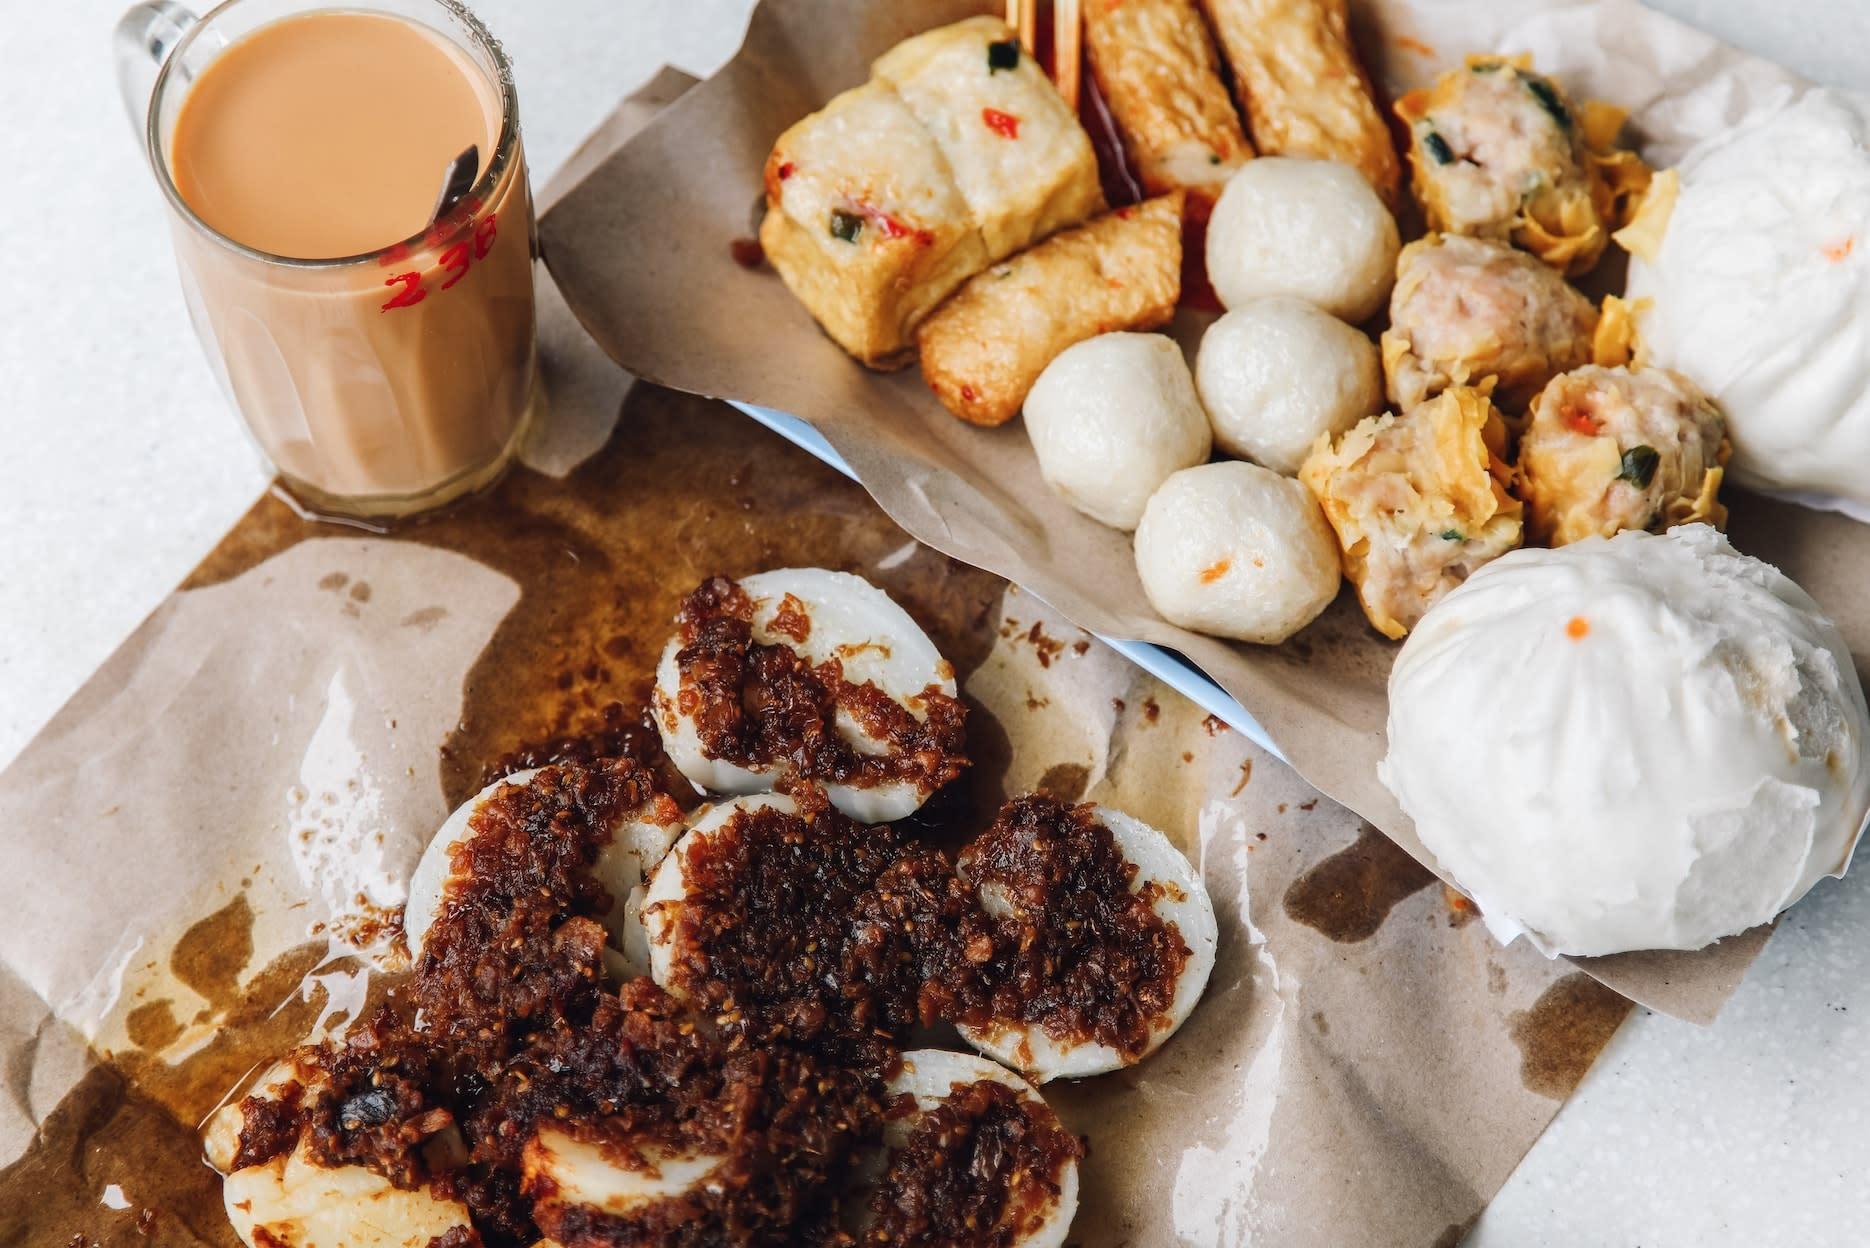 tiong bahru market jian bo shui kueh, tiong bahru fish balls, tiong bahru pau